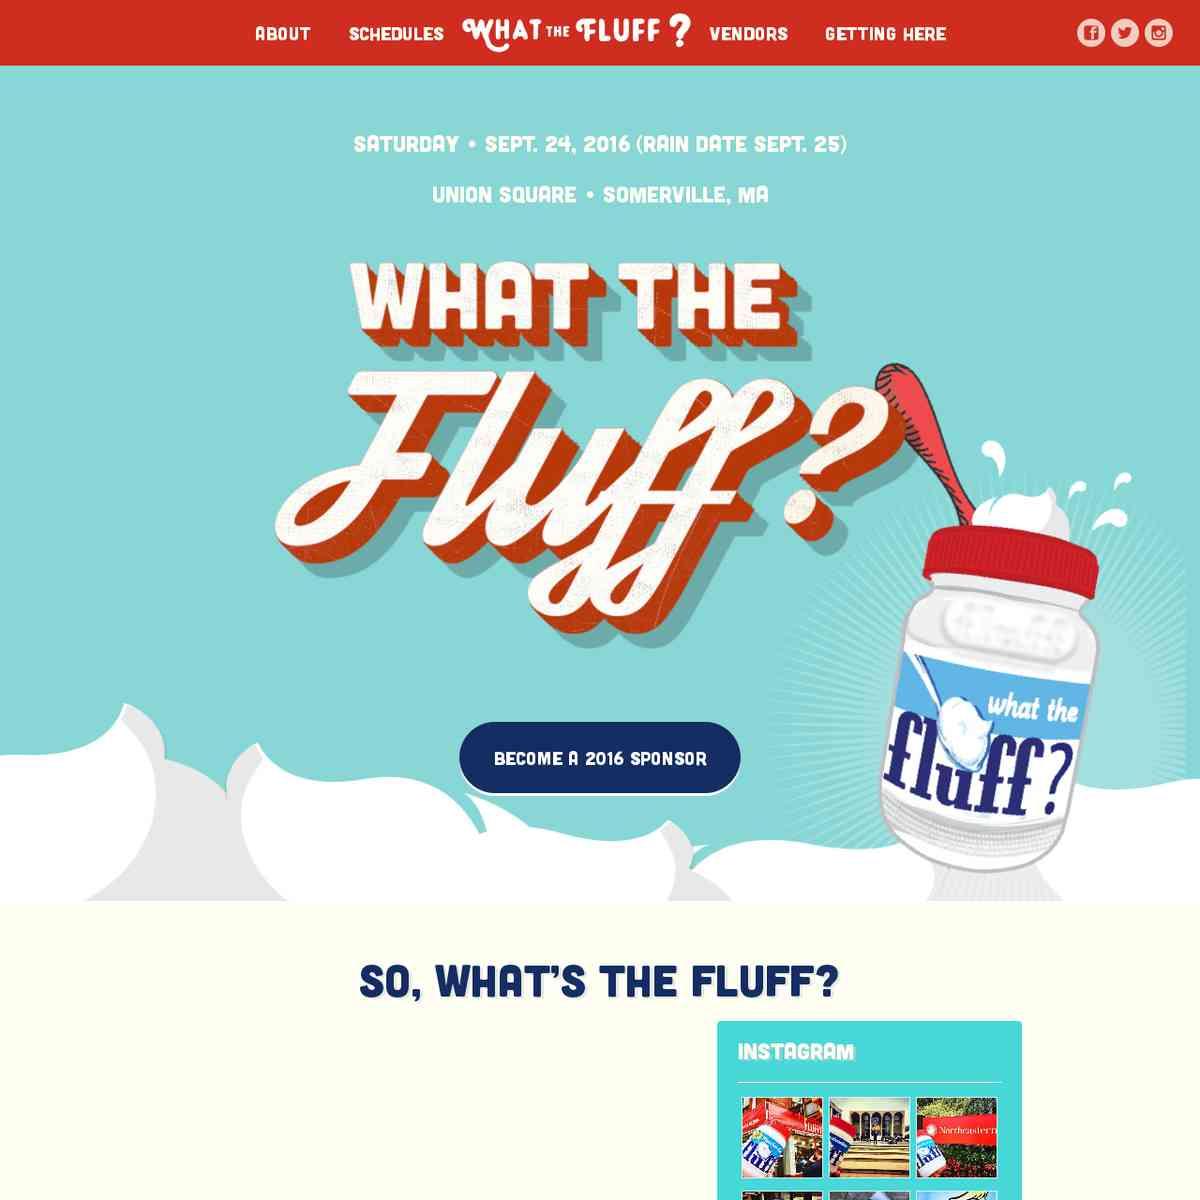 flufffestival.com